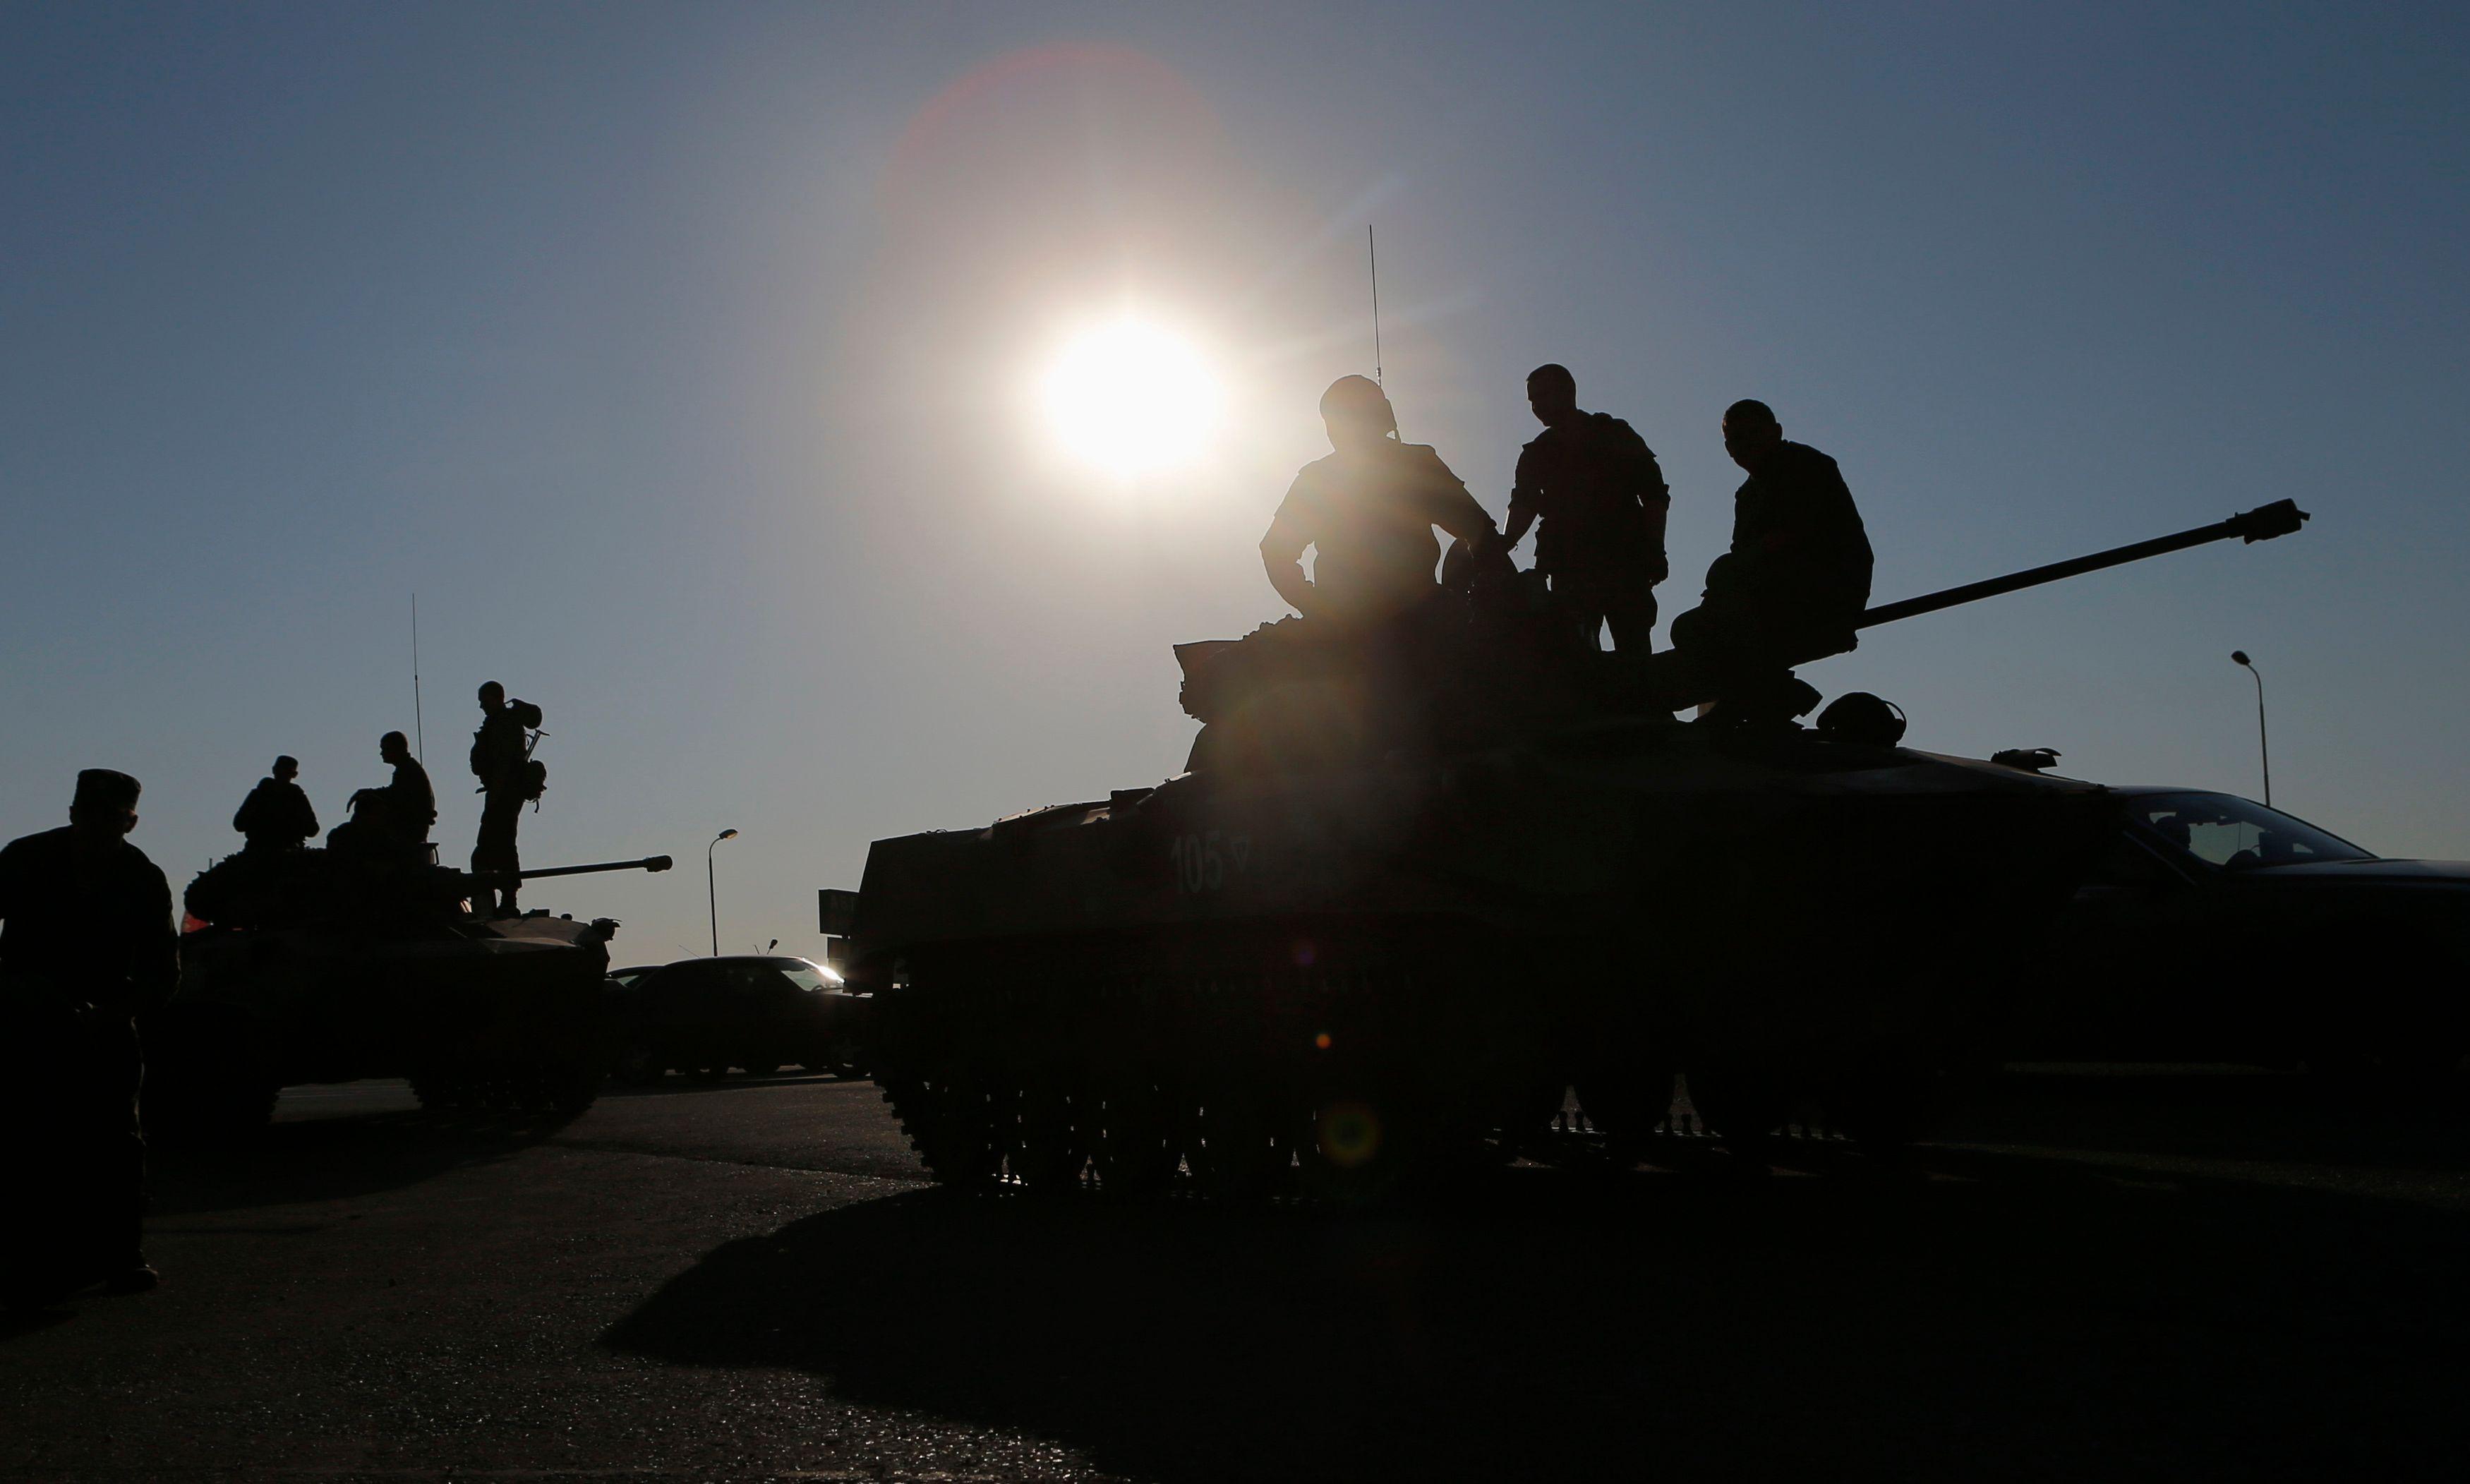 L'Ukraine affirme avoir détruit des chars russes